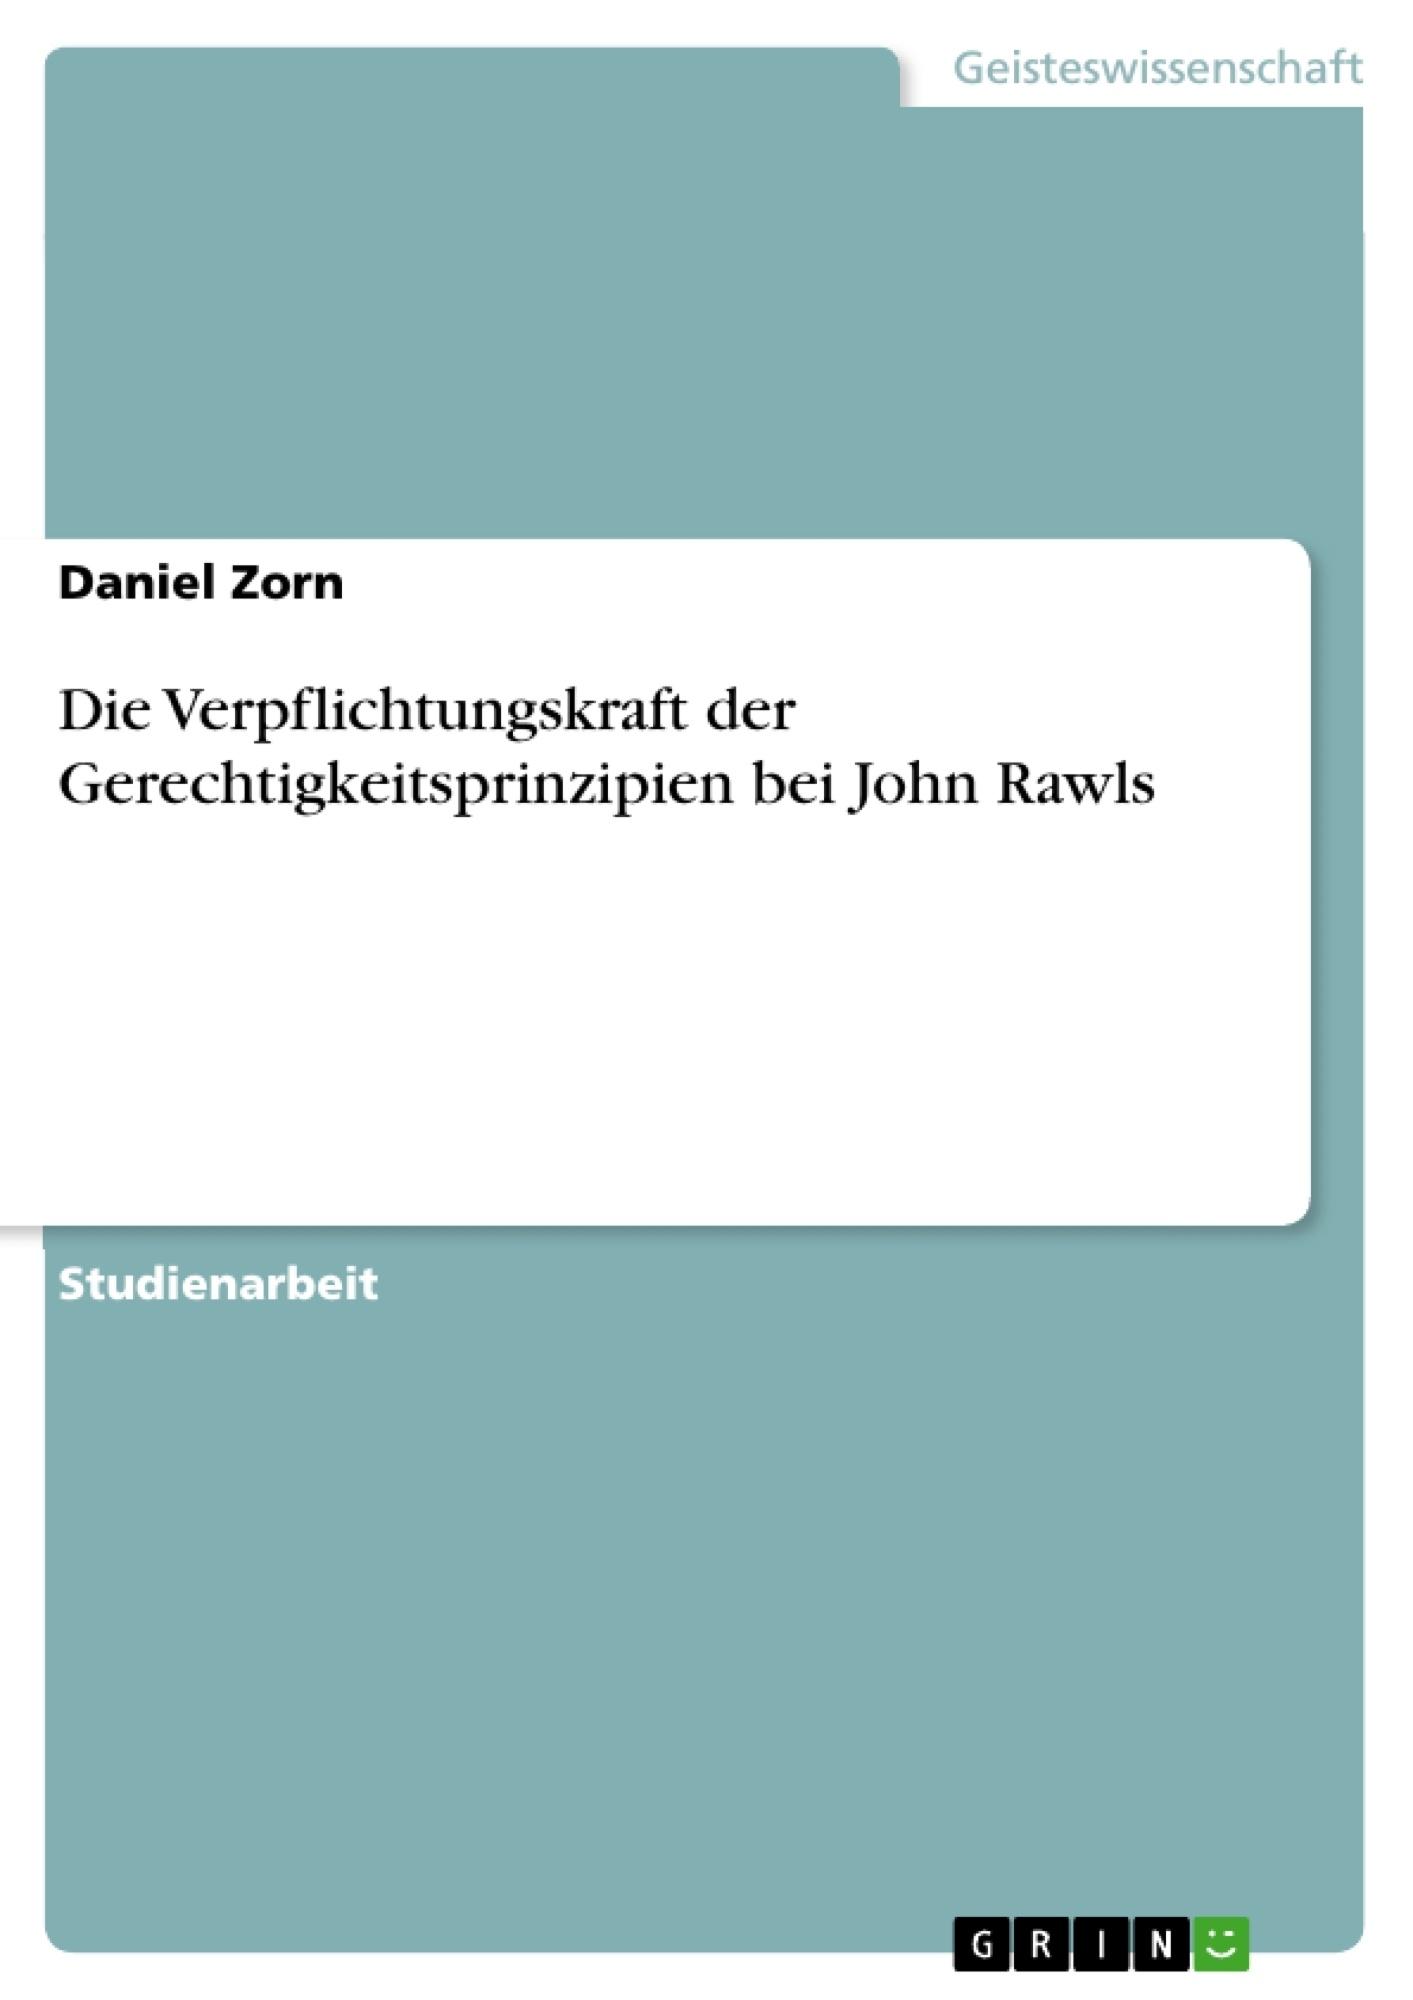 Titel: Die Verpflichtungskraft der Gerechtigkeitsprinzipien bei John Rawls